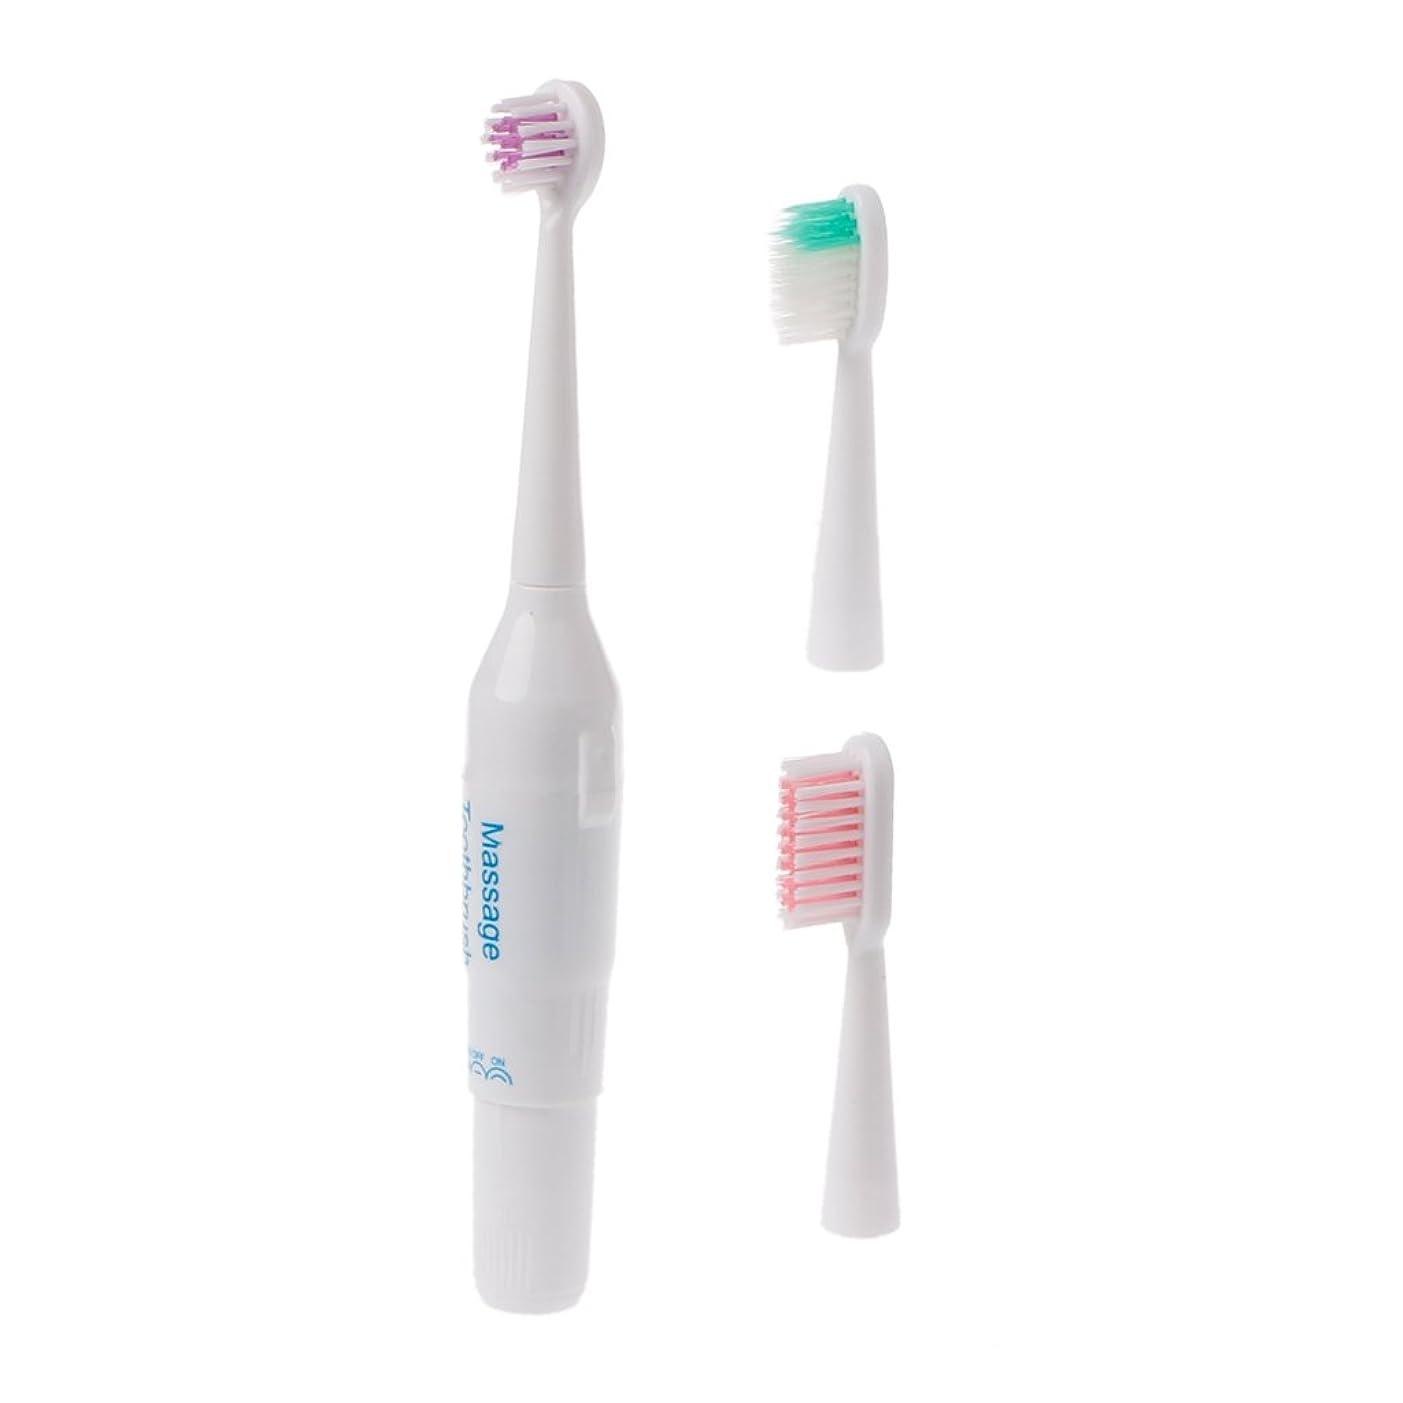 日光弾丸主婦Manyao キッズプロフェッショナル口腔ケアクリーン電気歯ブラシパワーベビー用歯ブラシ